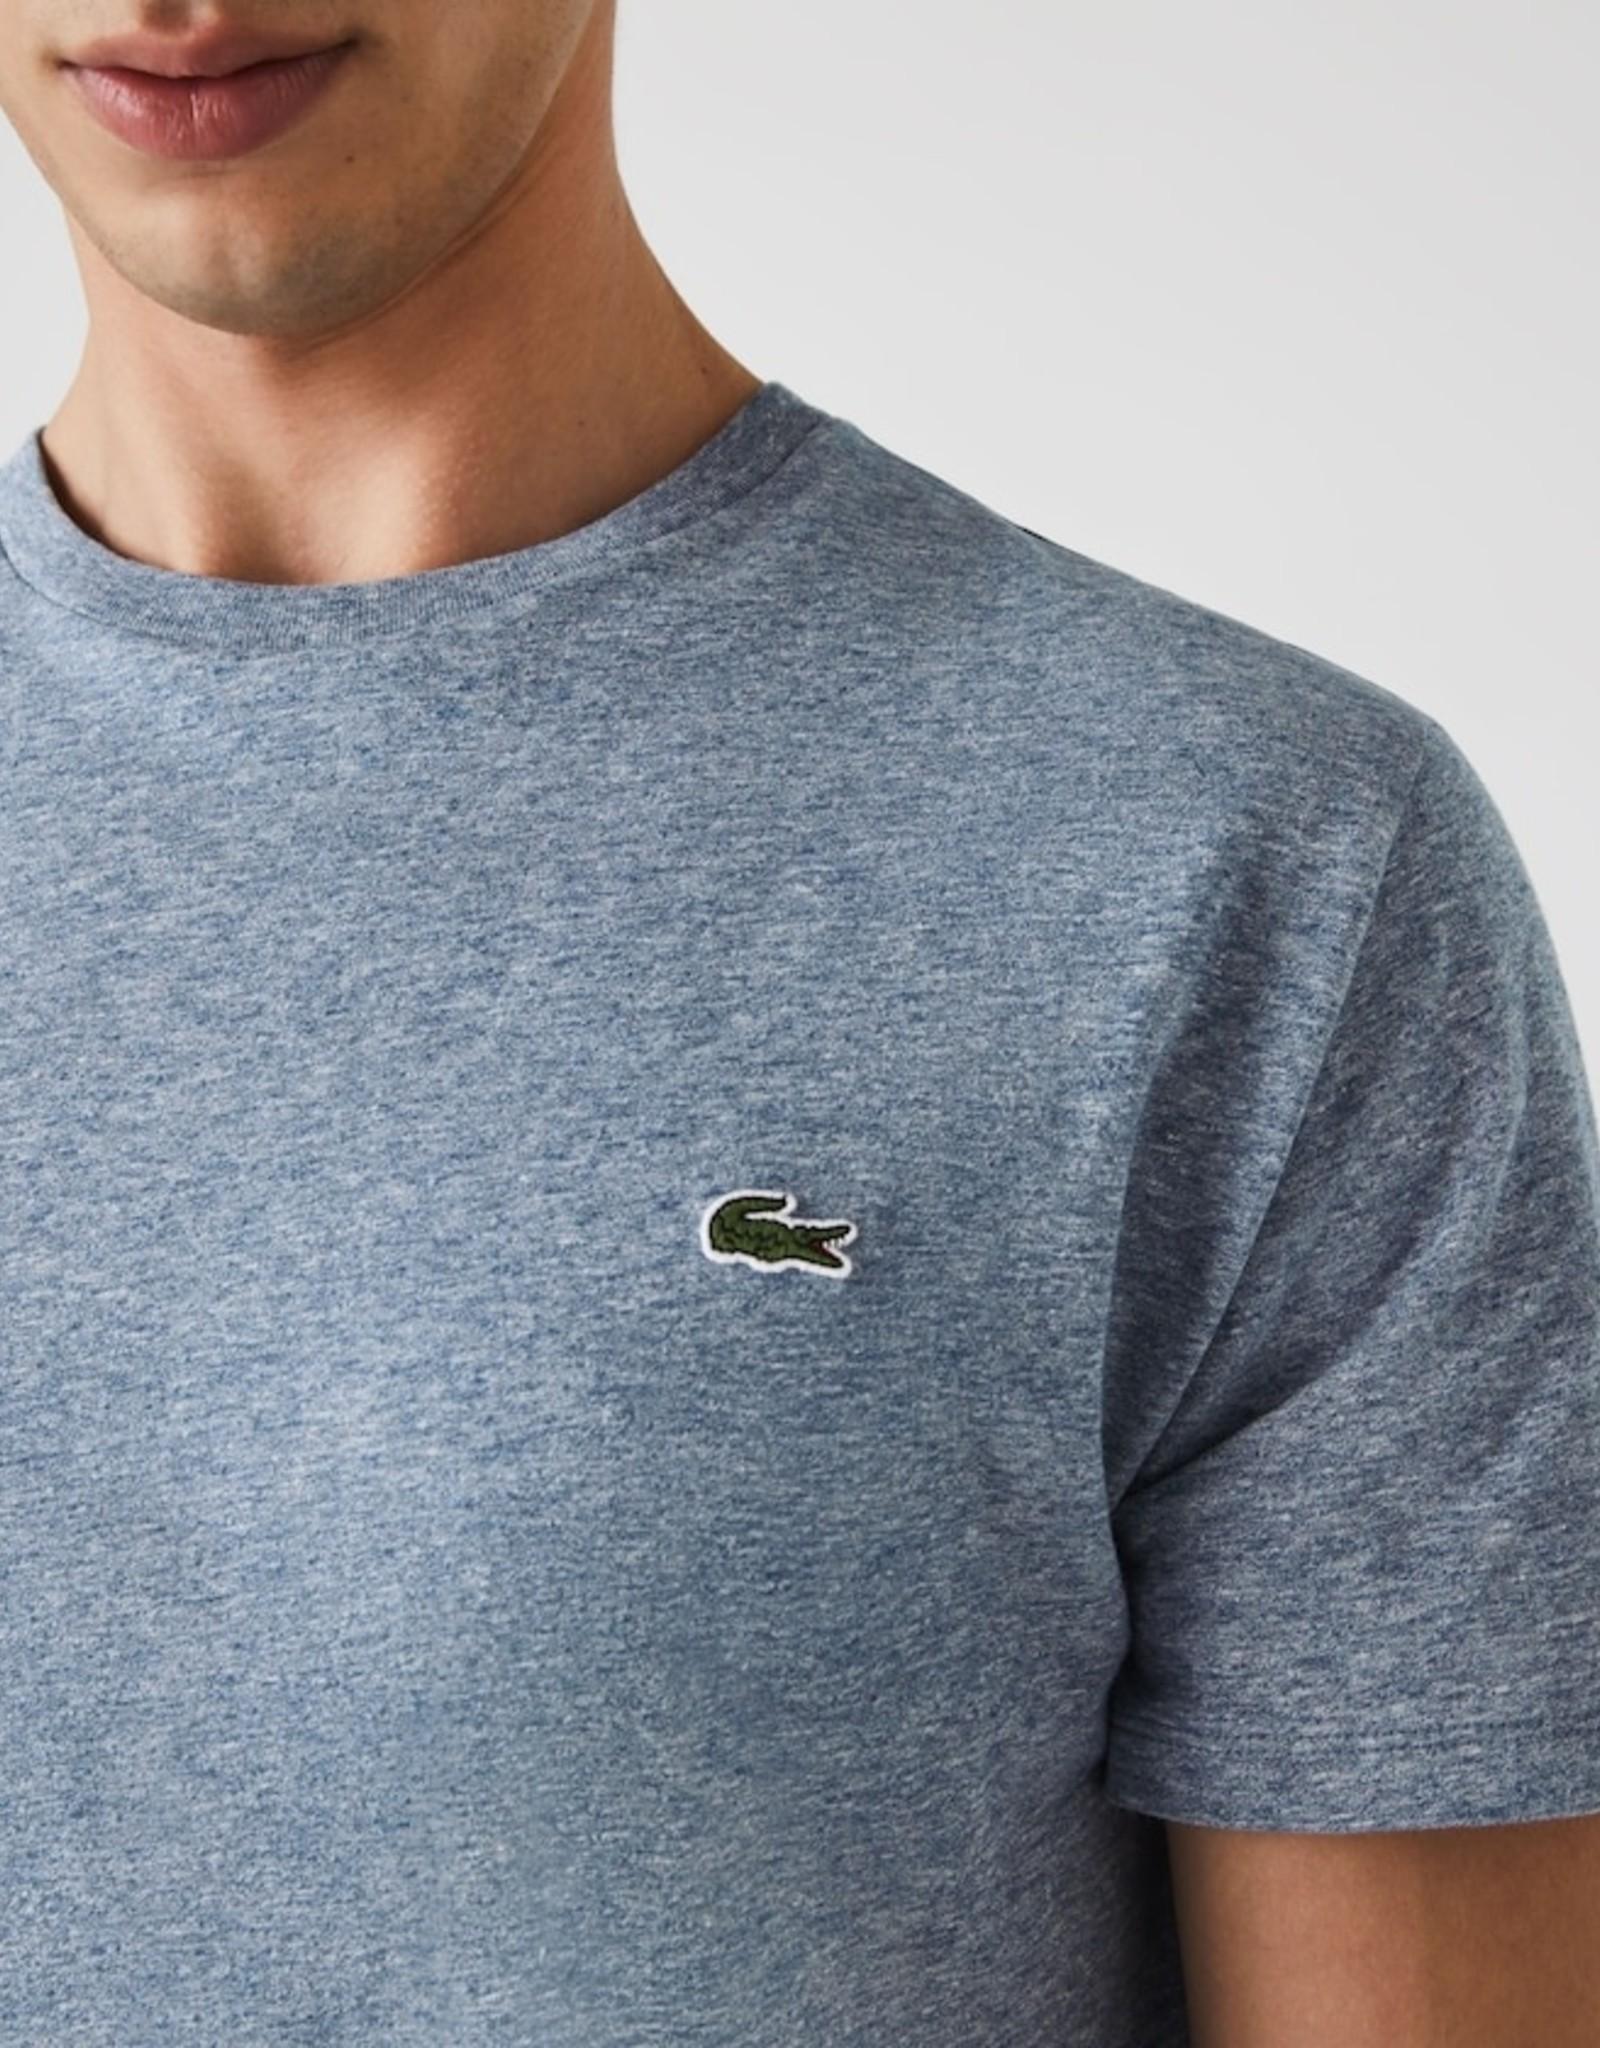 Lacoste Lacoste Crew Neck Pima Cotton T-Shirt